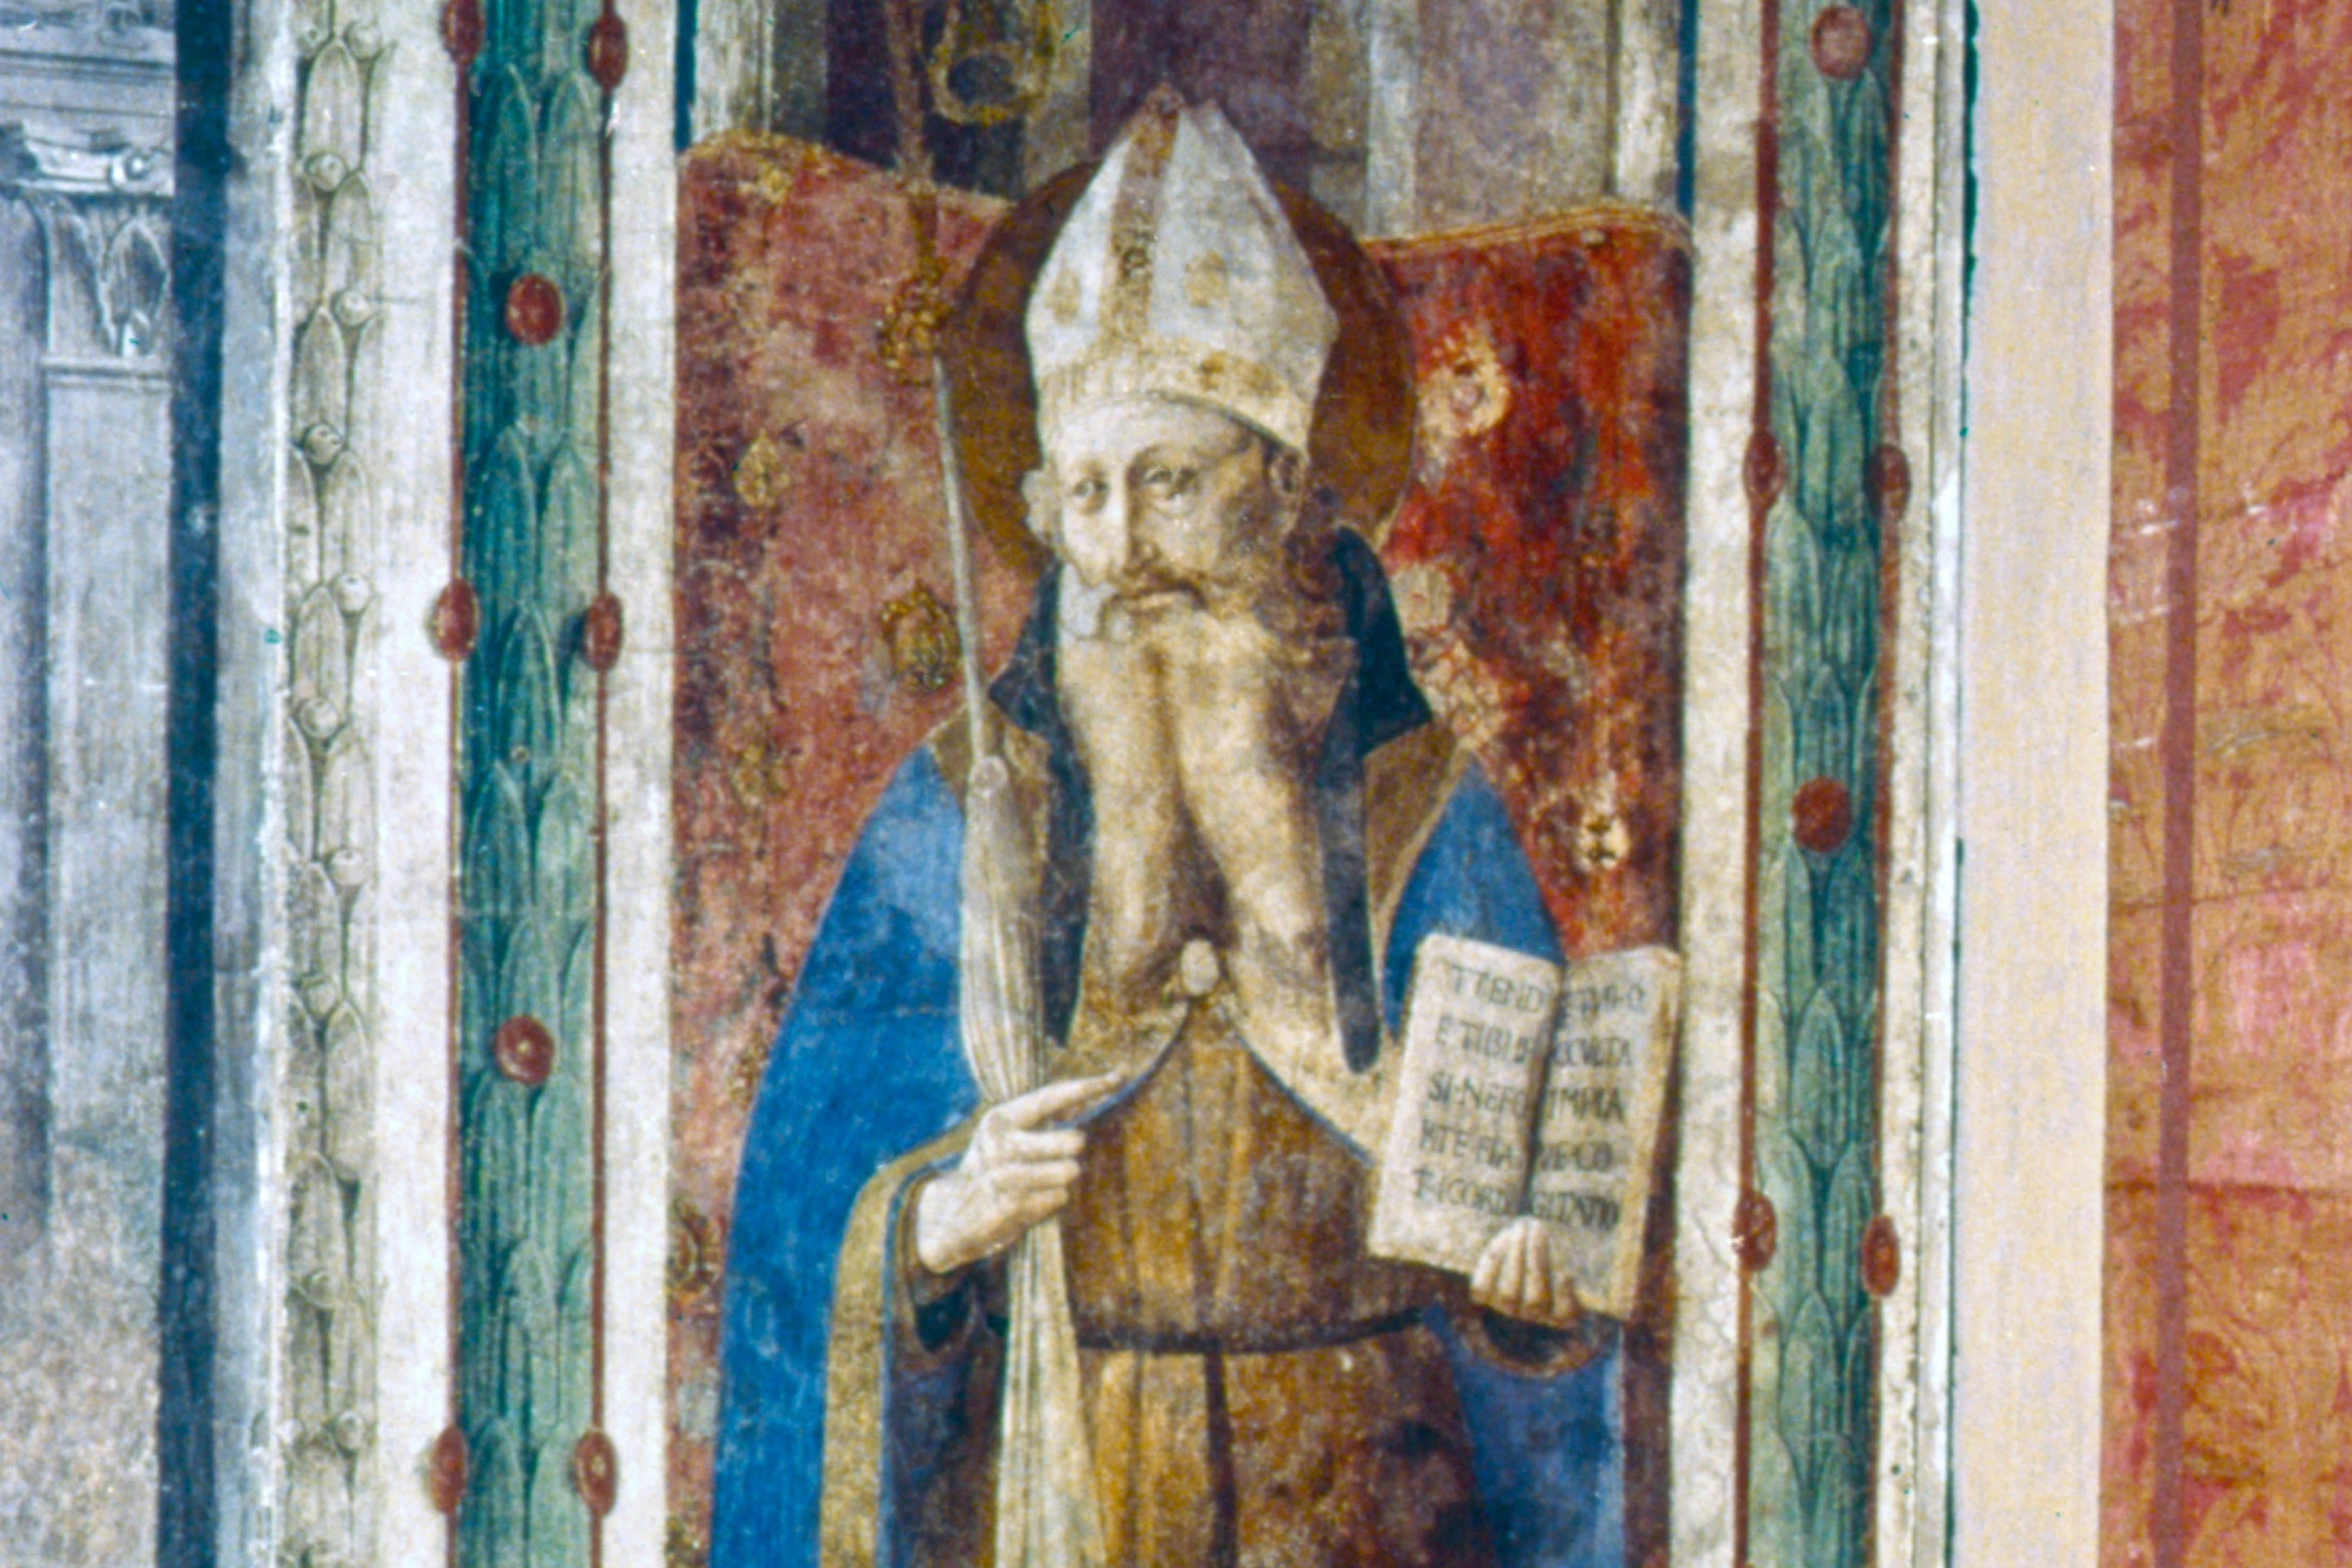 St. John Chrysostom by Fra Angelico